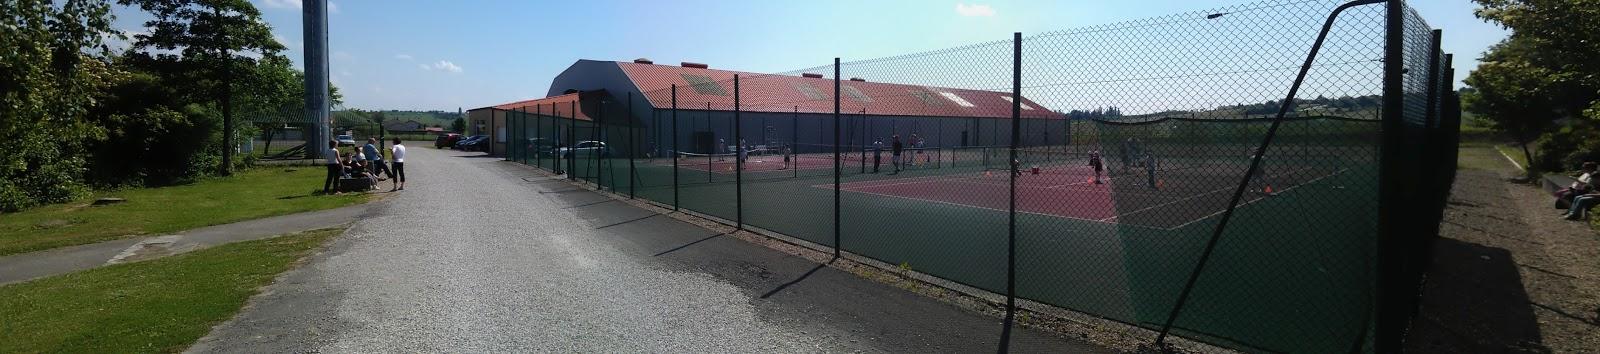 Tc gu nange le tc gu nange for Eclairage court de tennis exterieur